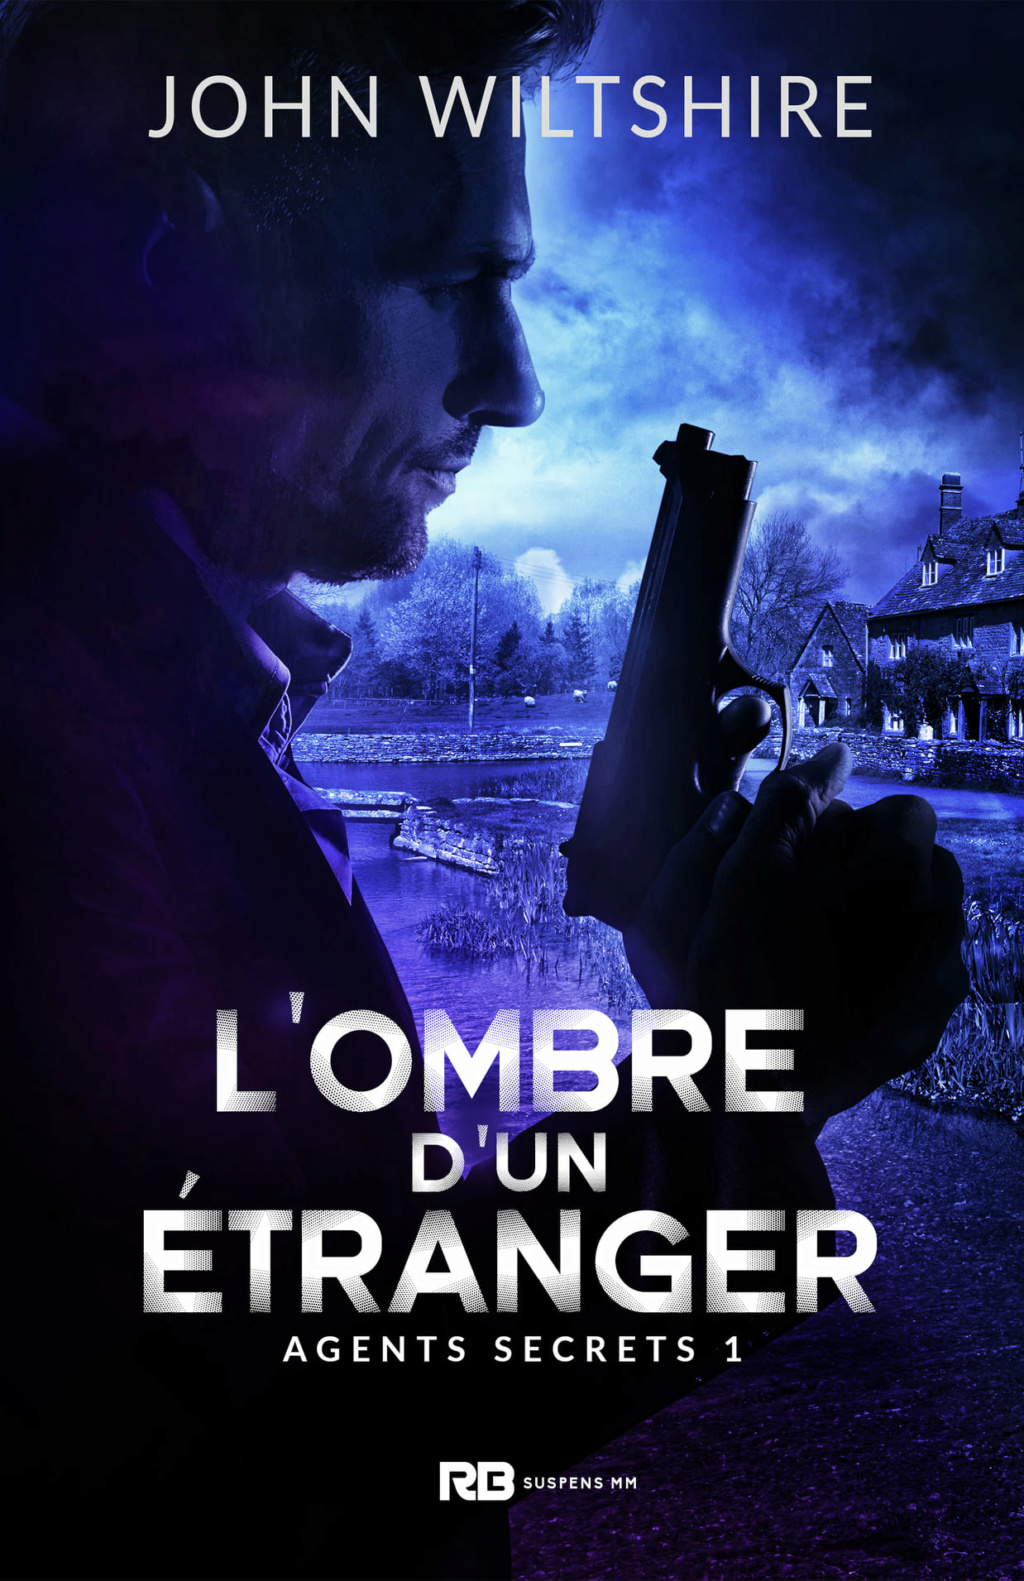 Agents Secrets - Tome 1 : L'ombre d'un étranger de John Wiltshire Lombre10